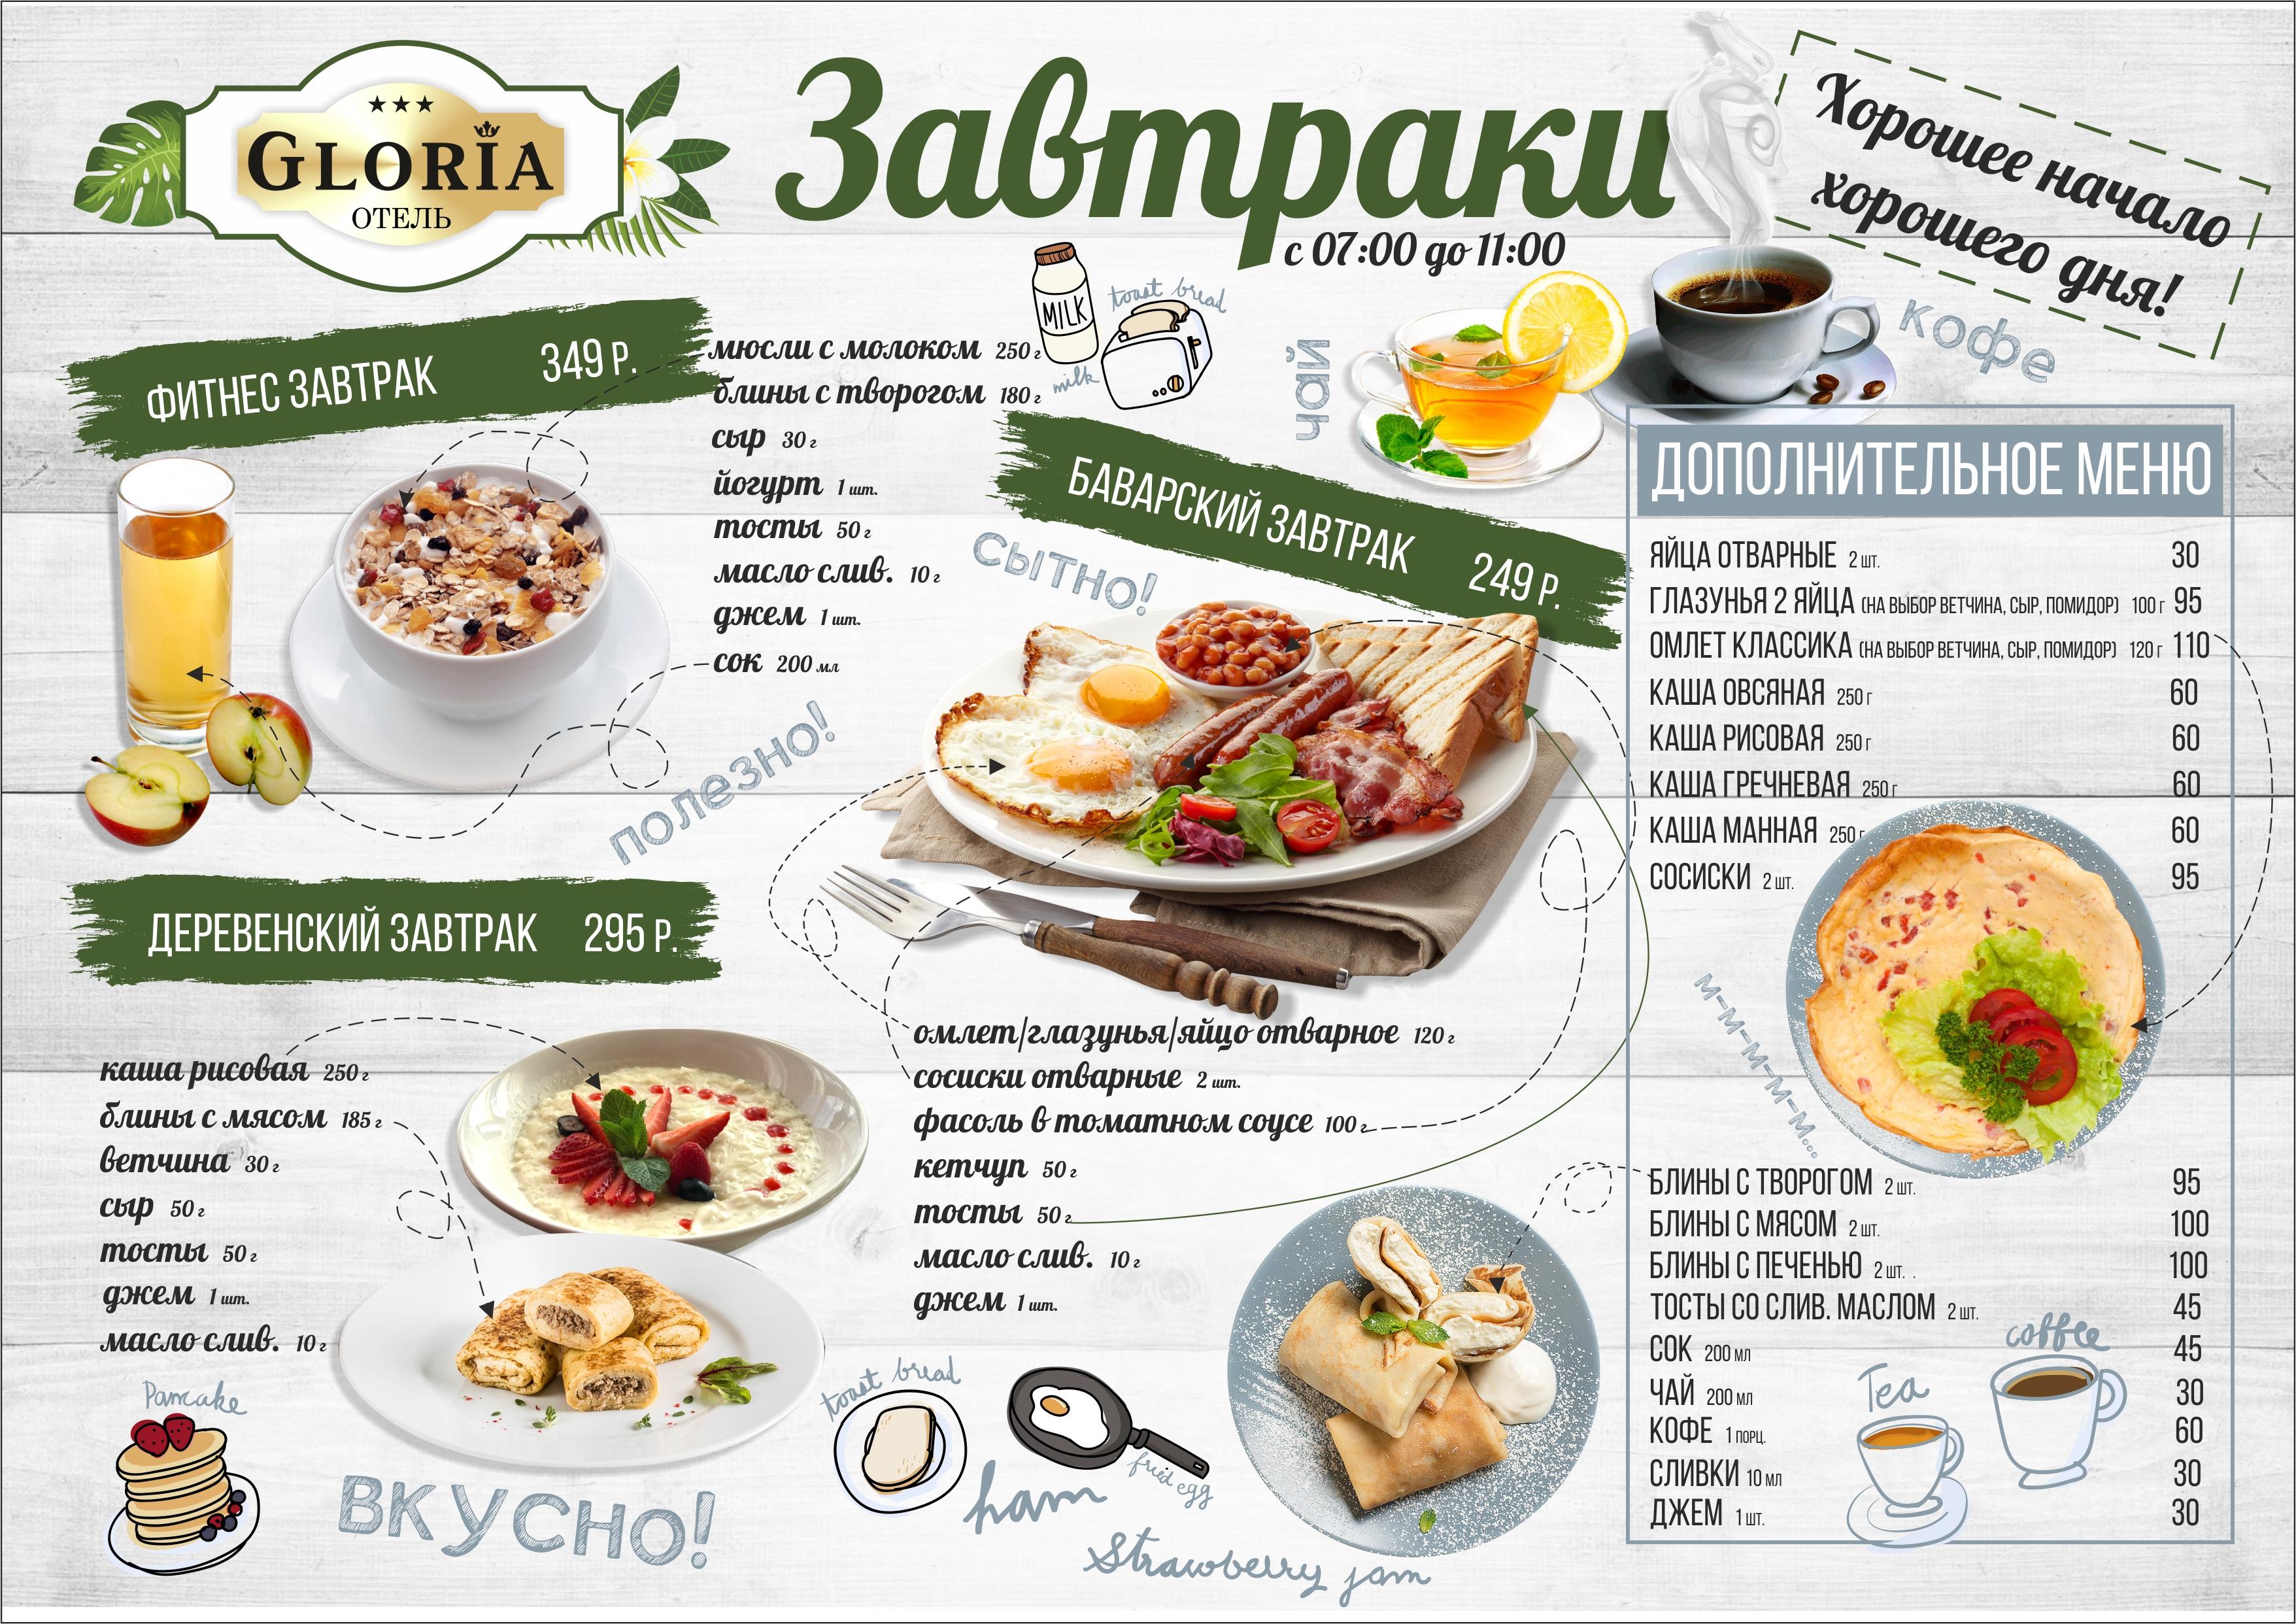 Сытные и разнообразные завтраки для гостей.